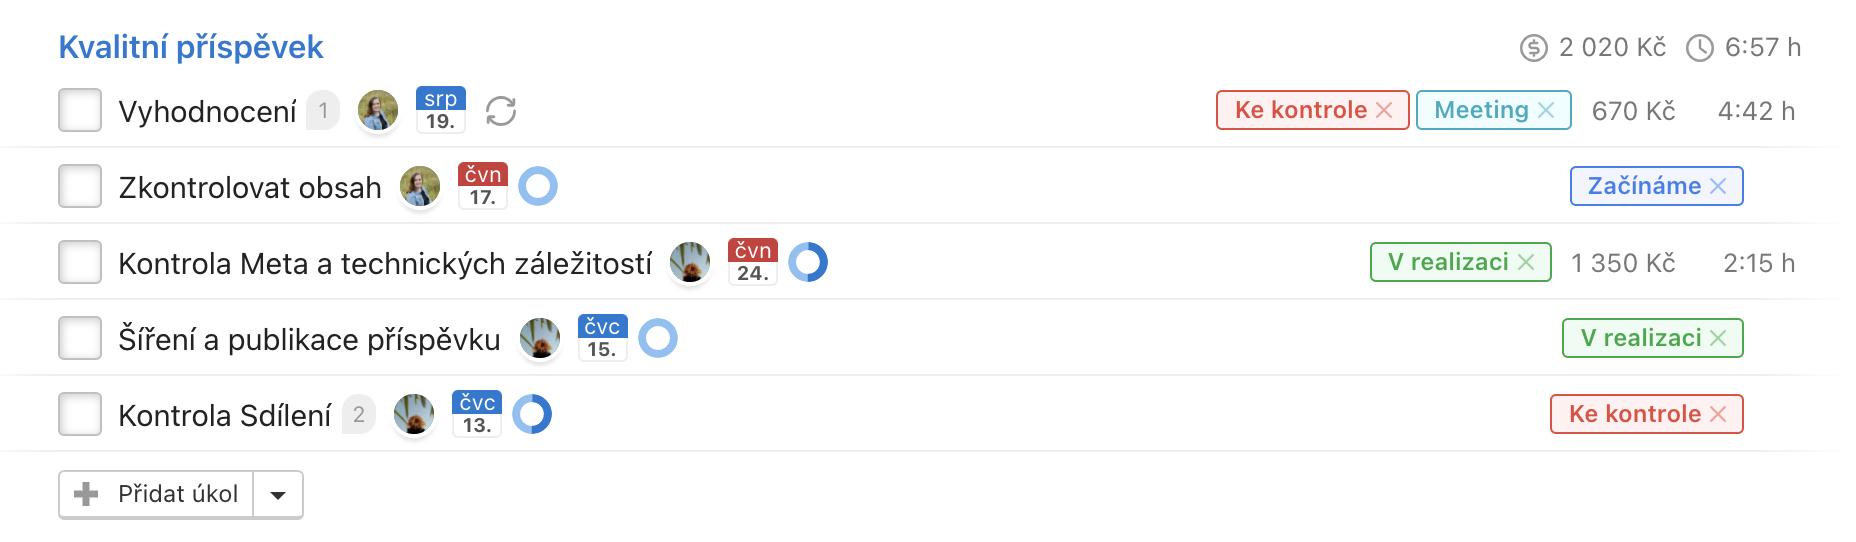 Ukázka nastavených štítků jako statusů u úkolů ve Freelu.